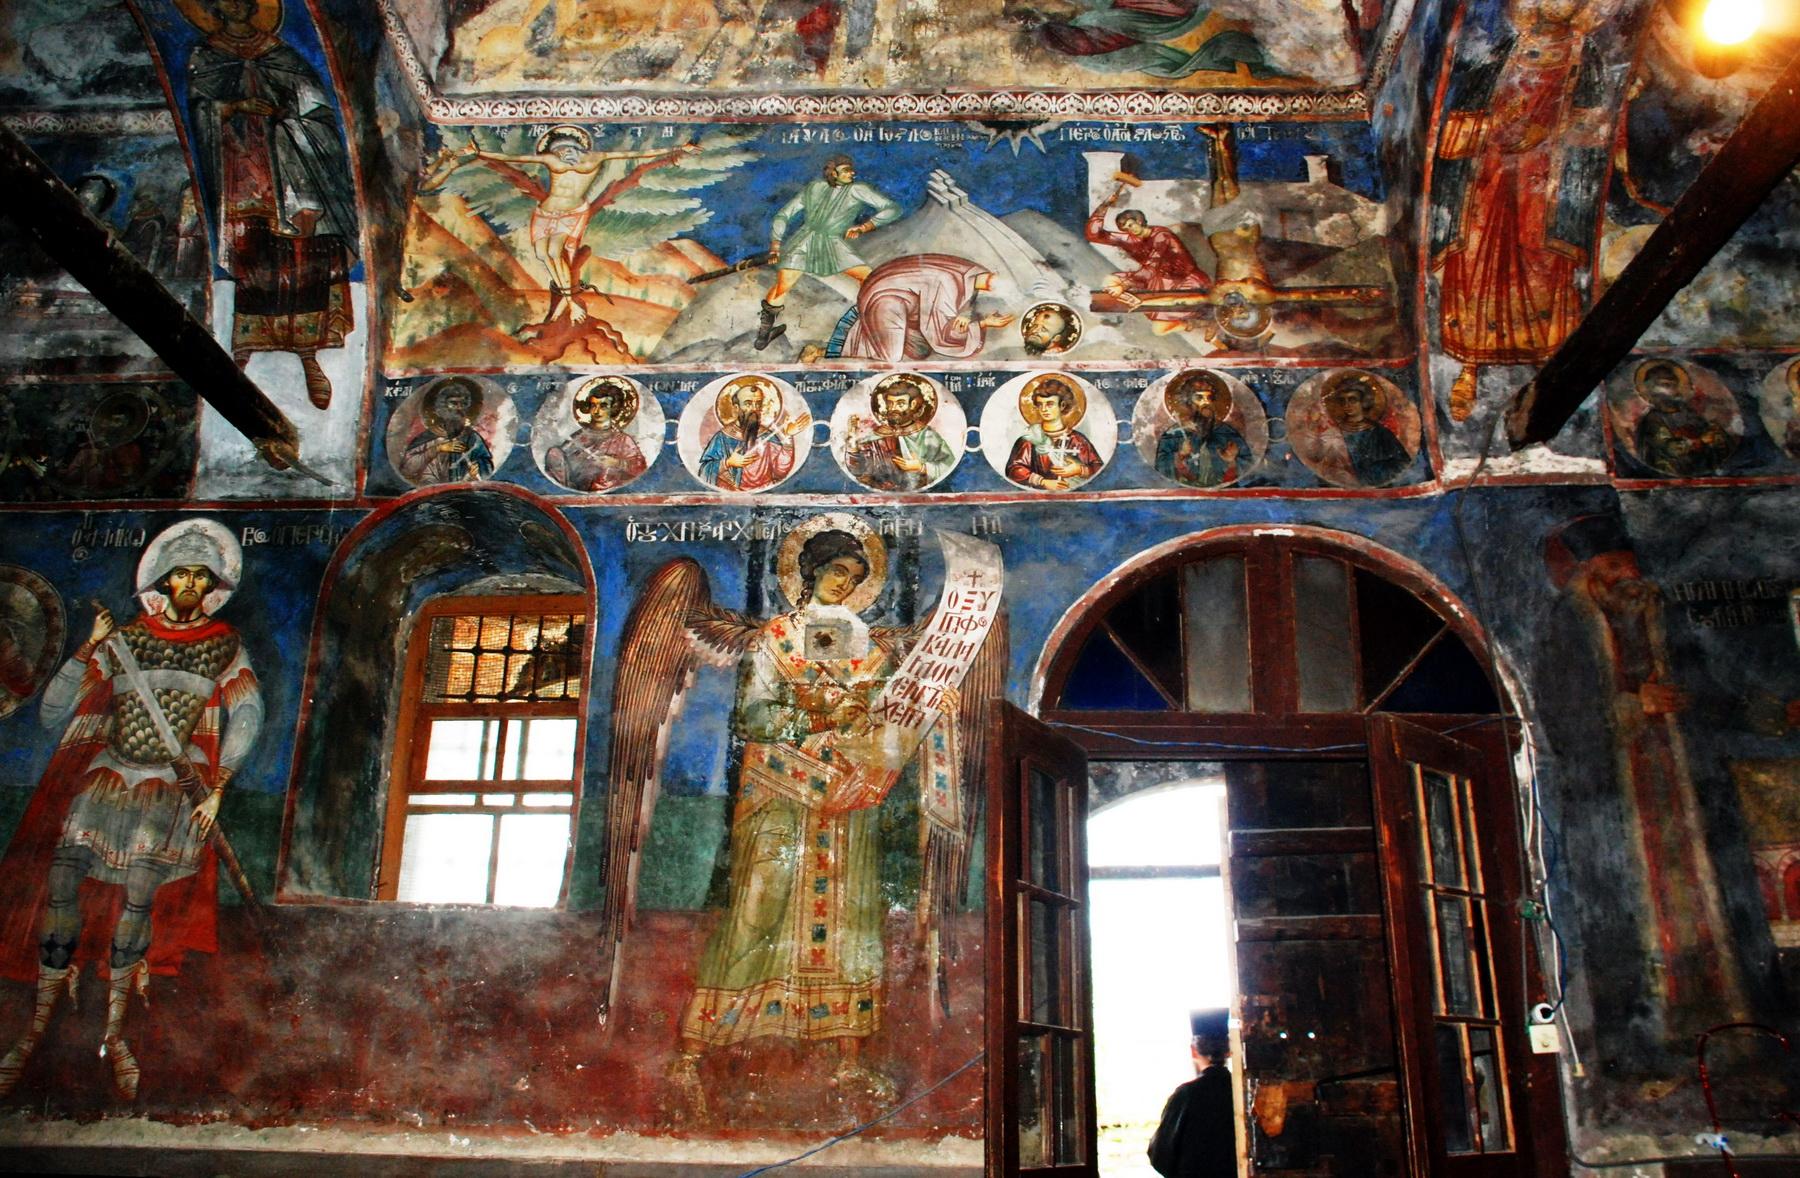 כנסיה ביזנטית בווסקופייה - ציורי קיר